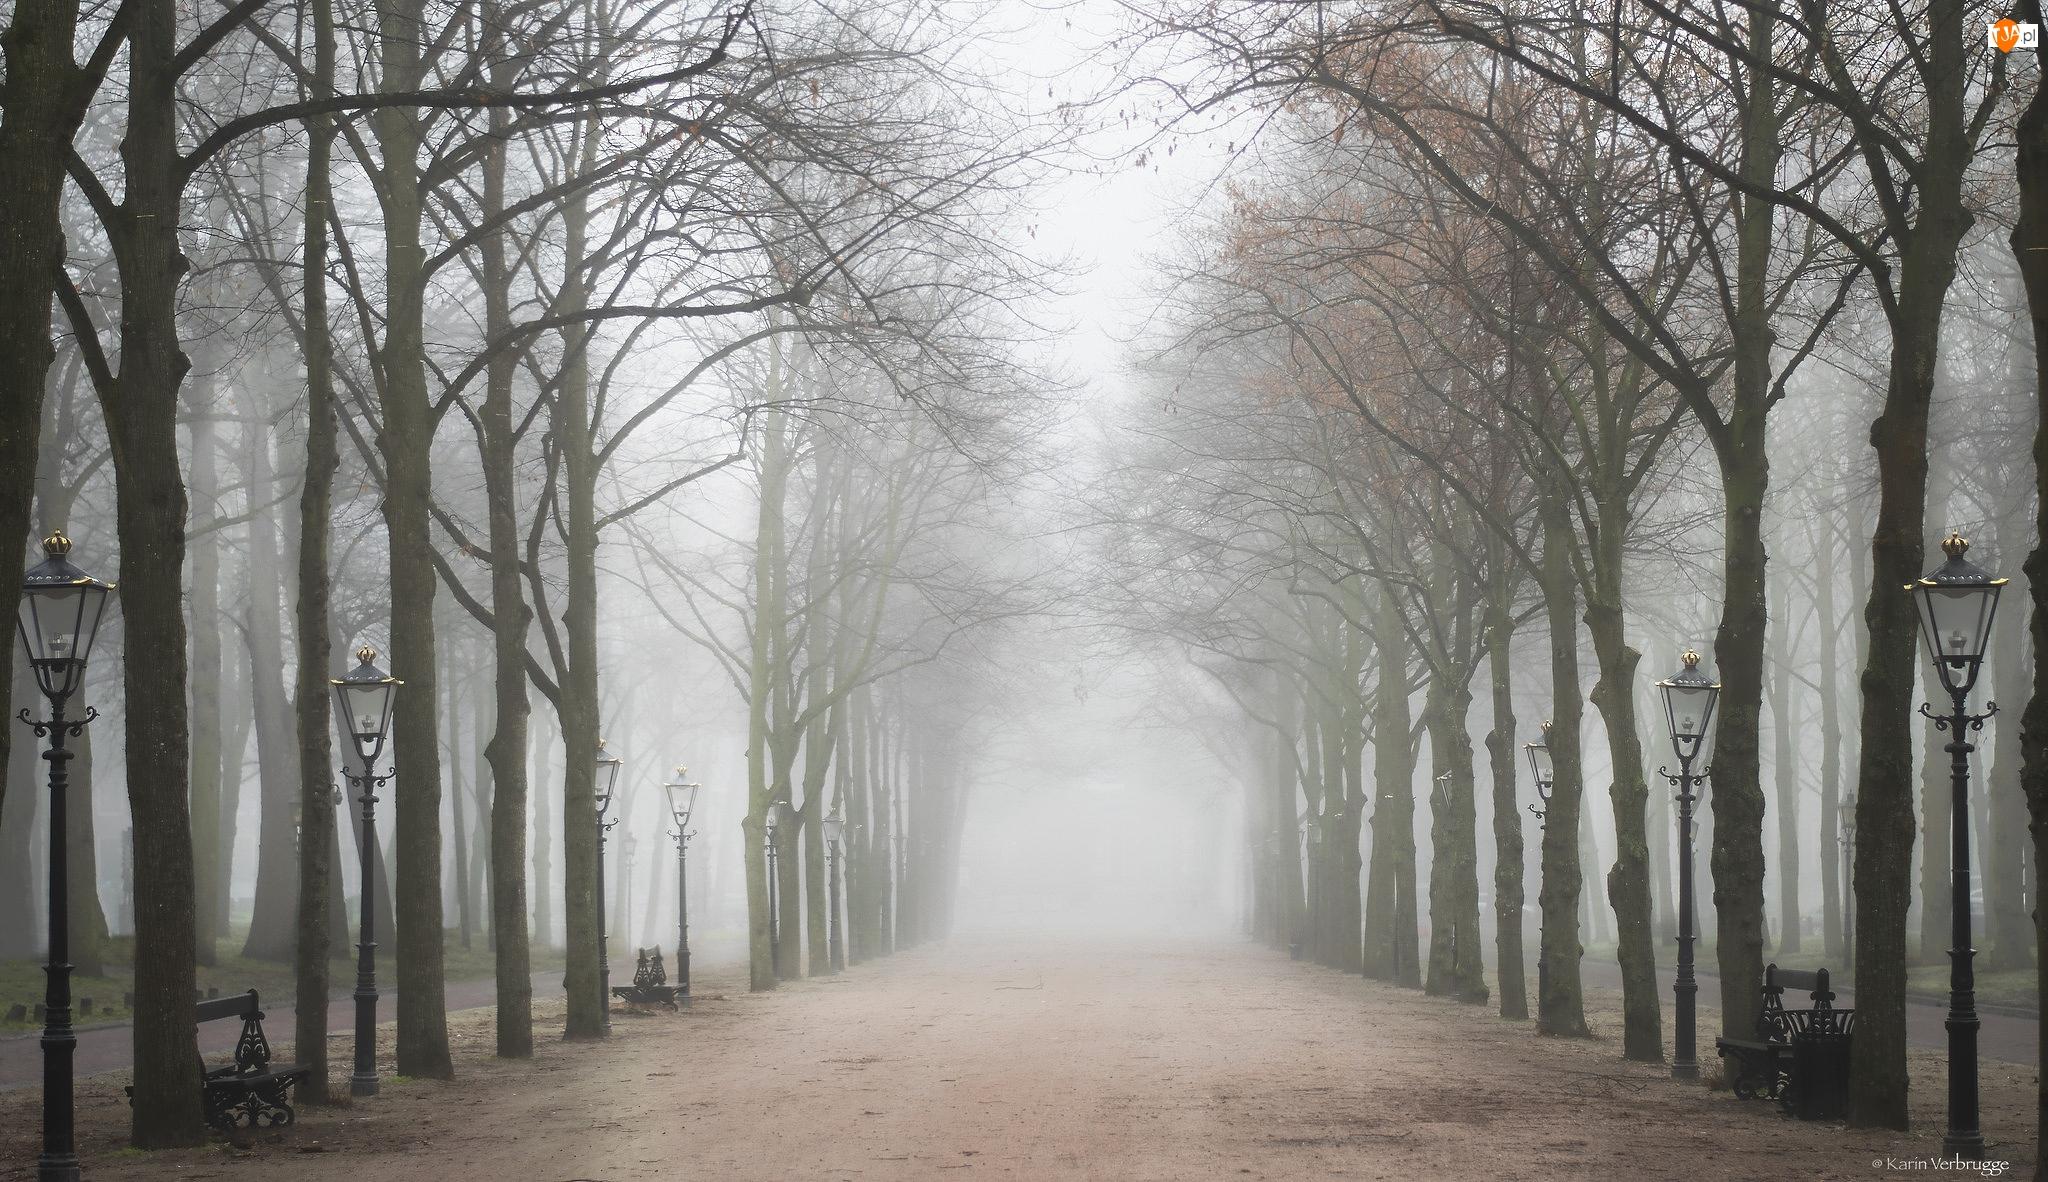 Alejka, Mgła, Latarnie, Park, Ławki, Szpalery, Drzewa